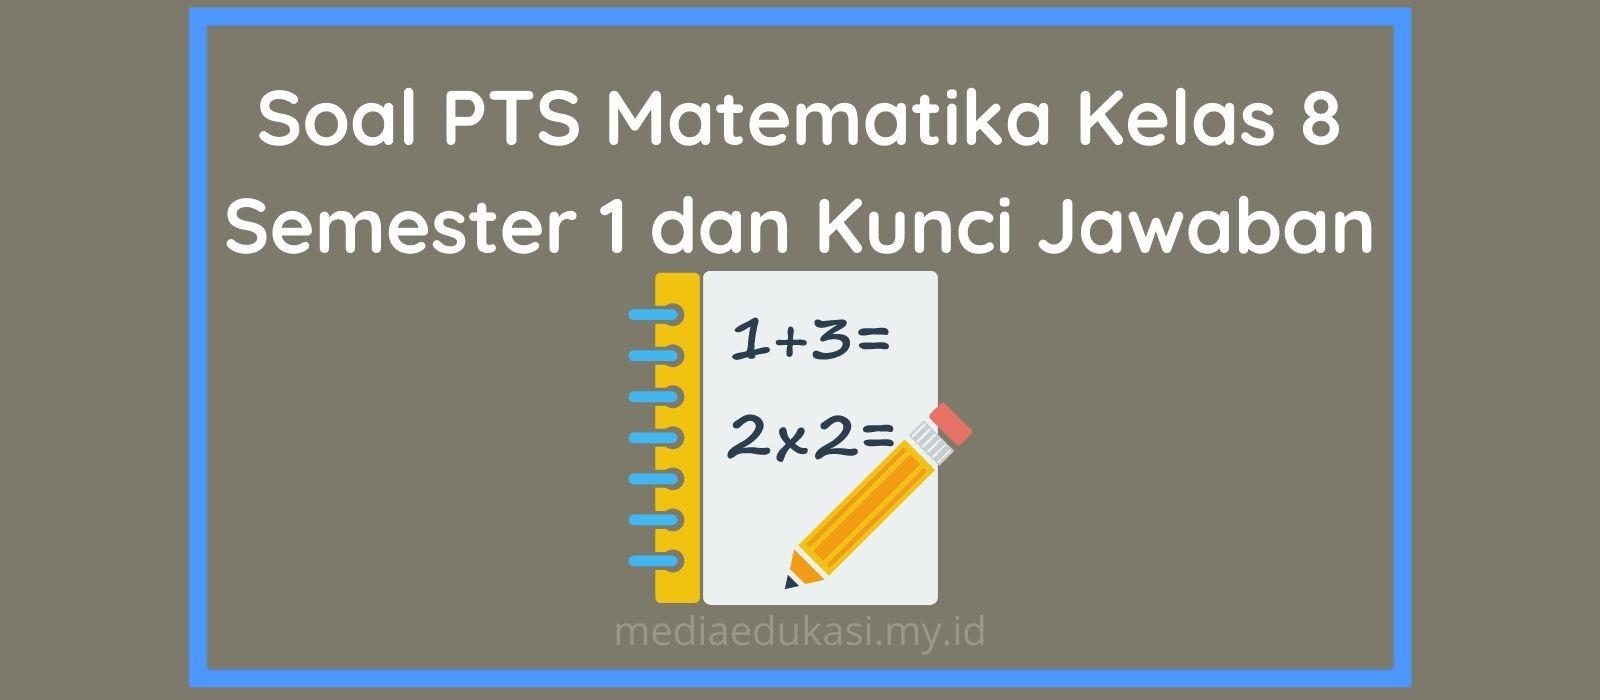 Soal PTS Matematika Kelas 8 Semester 1 dan Kunci Jawaban